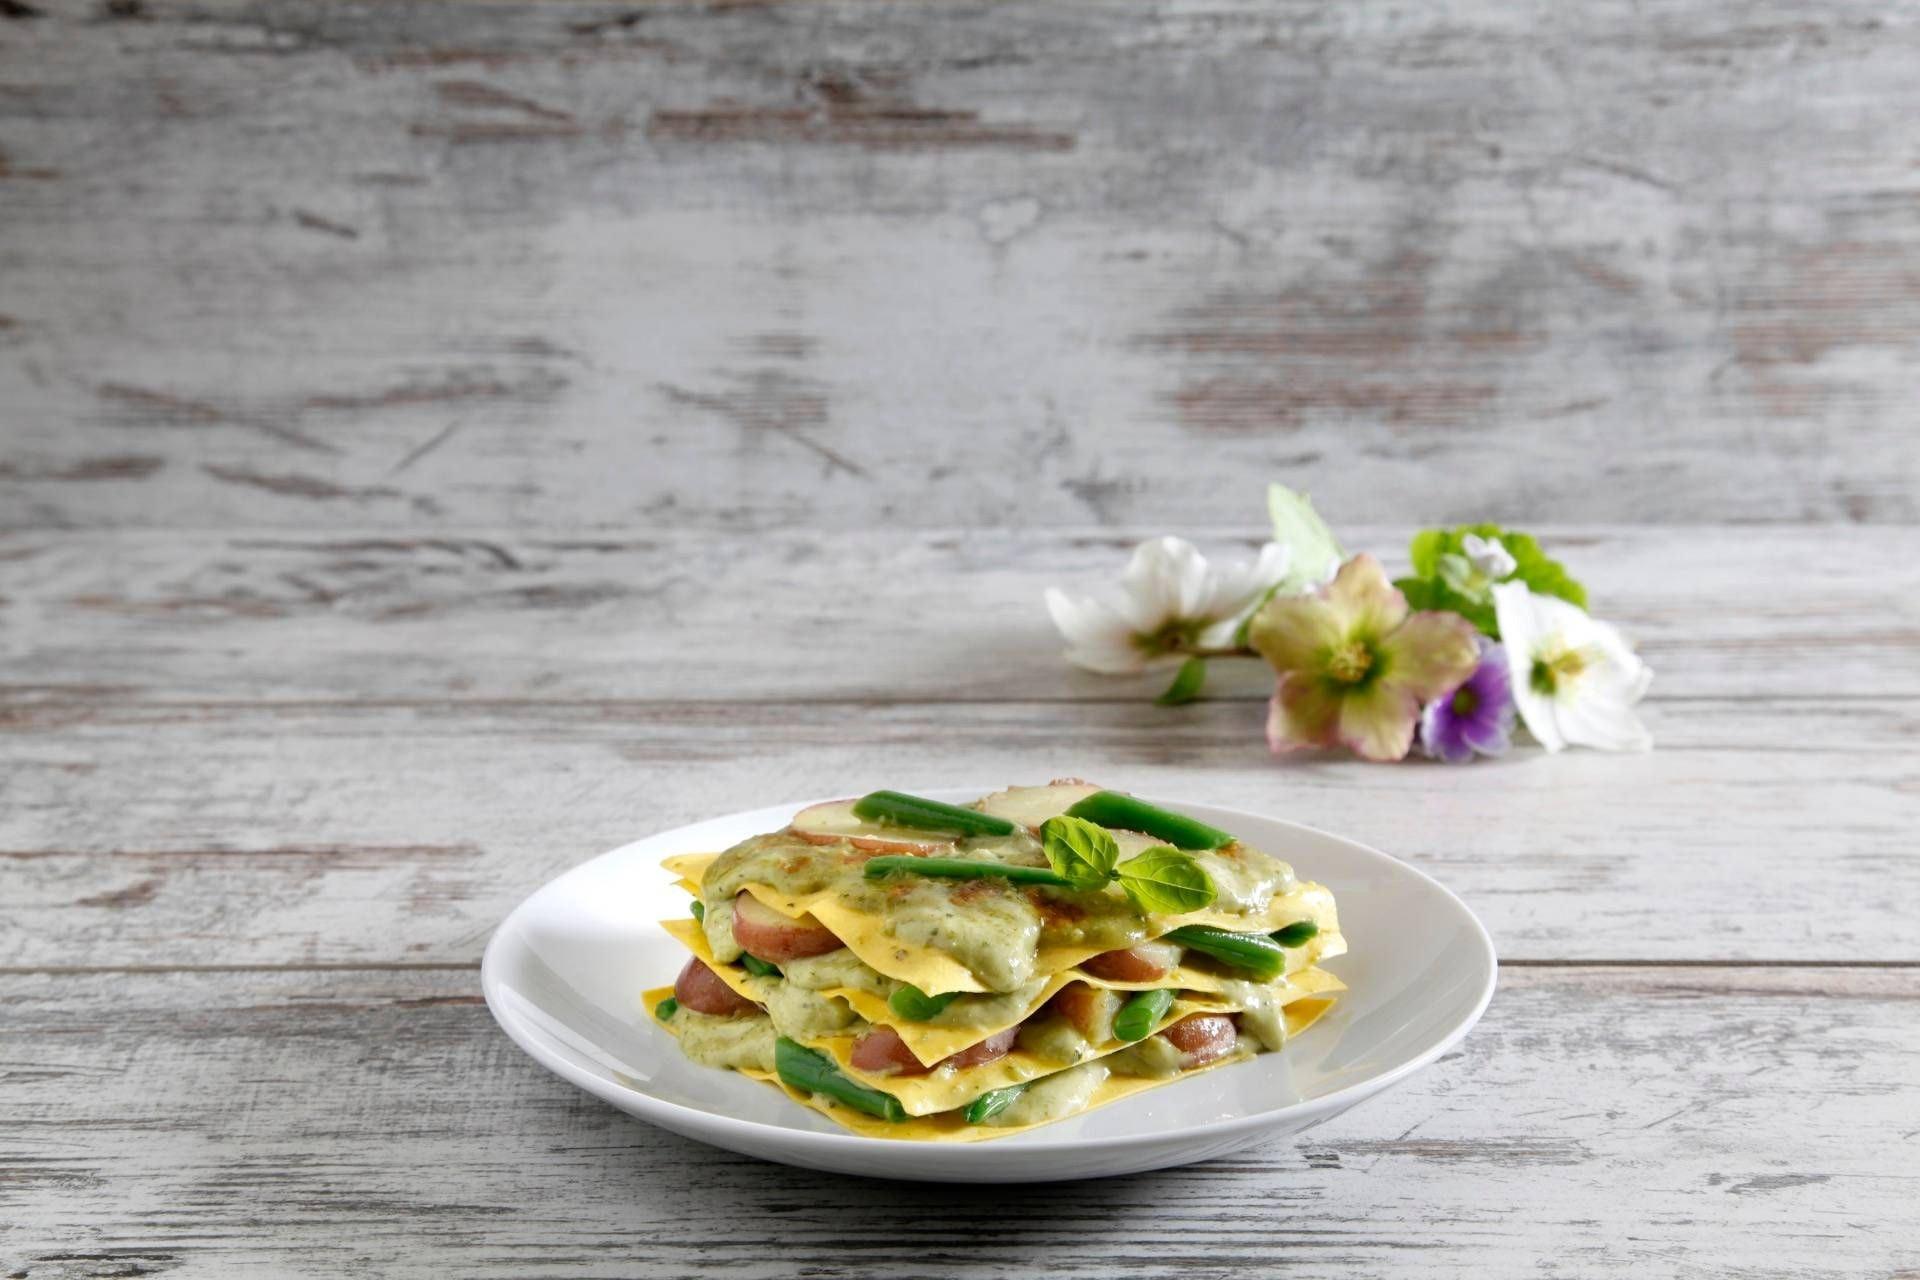 Lasagne al pesto con fagiolini e patate - Parmalat